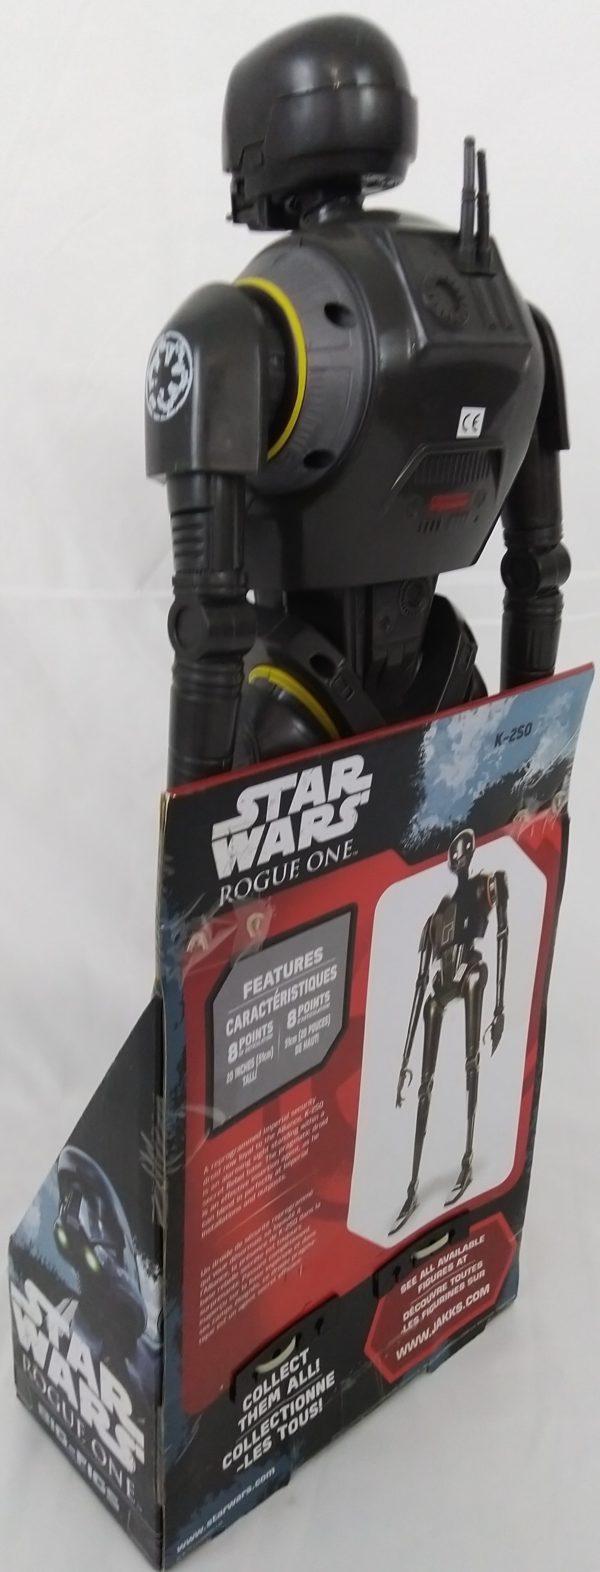 Figurine STAR WARS - K 2SO - Rogue one - big fig 50 cm